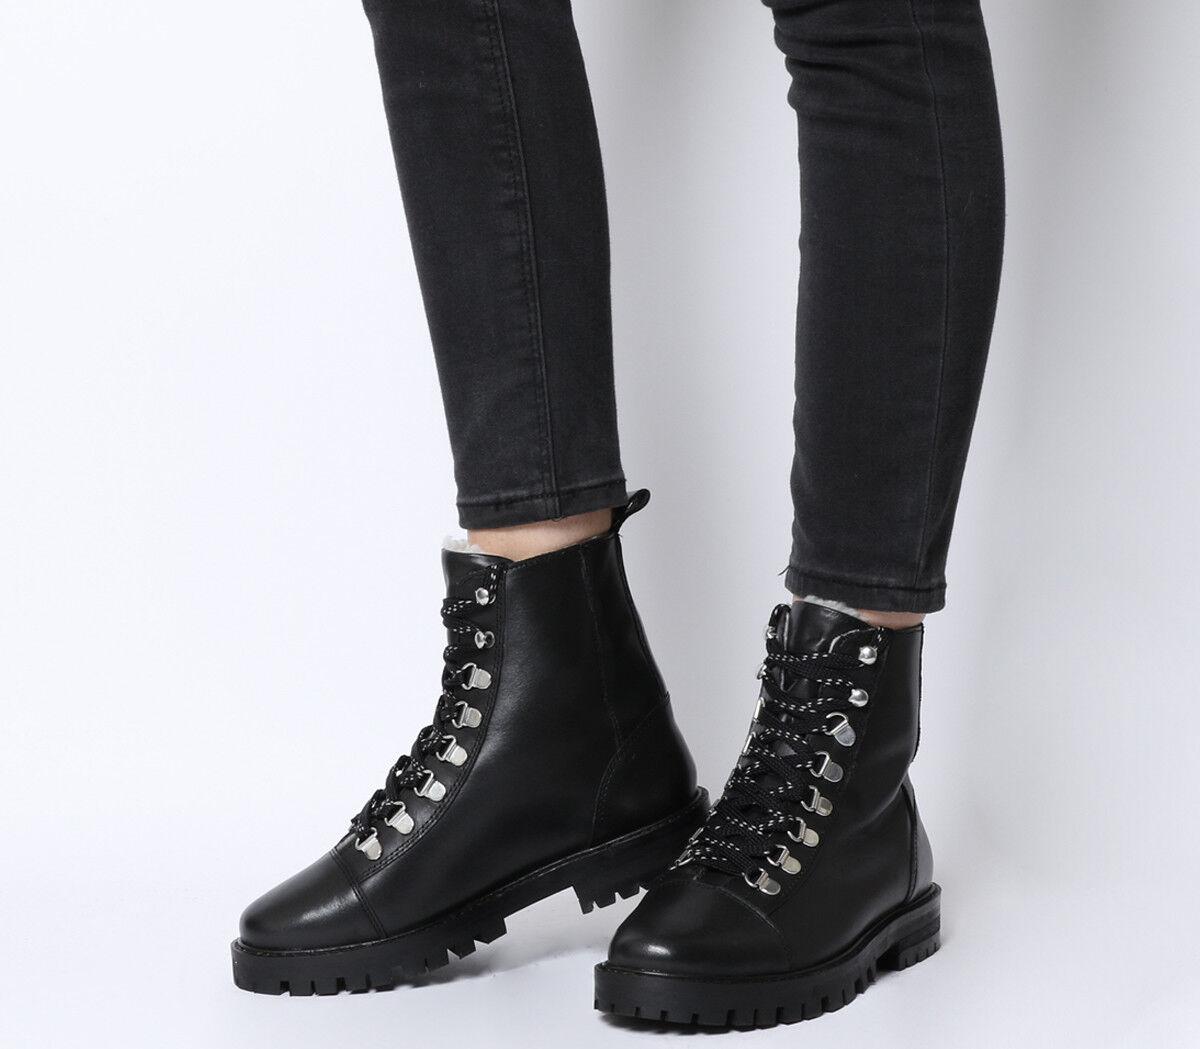 Mujer Mujer Mujer botas con Cordones Oficina Ansel Excursionista De Cuero Negro botas Forro de Piel Natural  la mejor oferta de tienda online